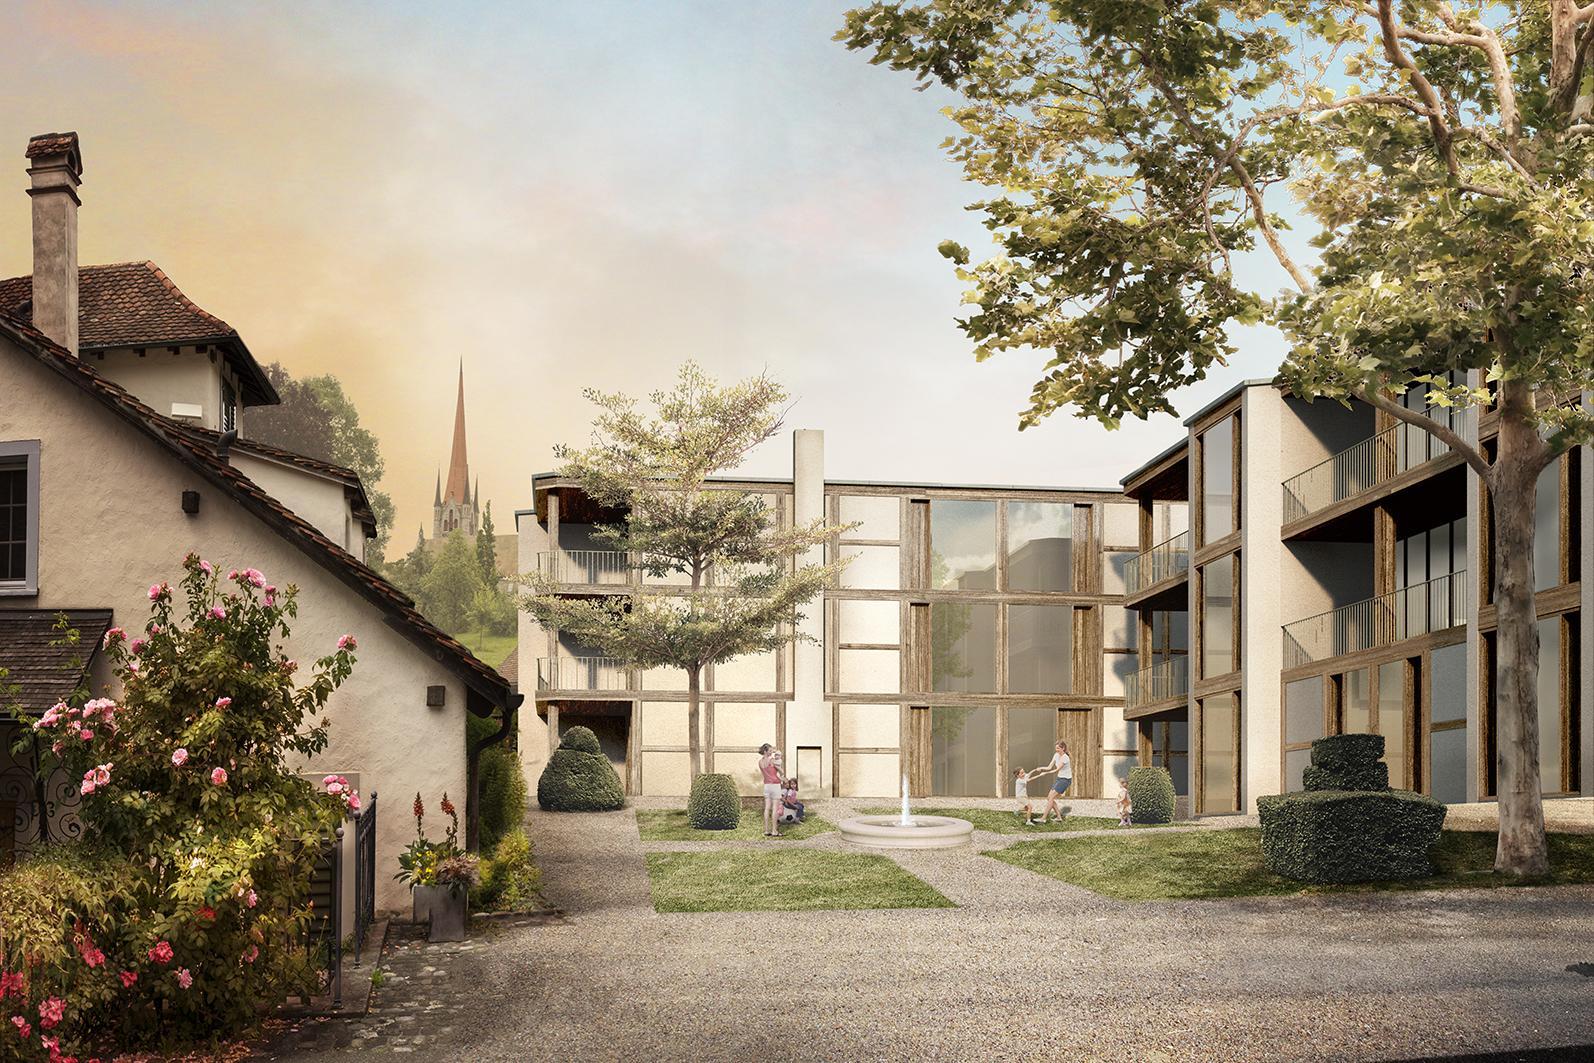 Neubau von Wohnhäusern auf dem Zurlaubenhof in Zug